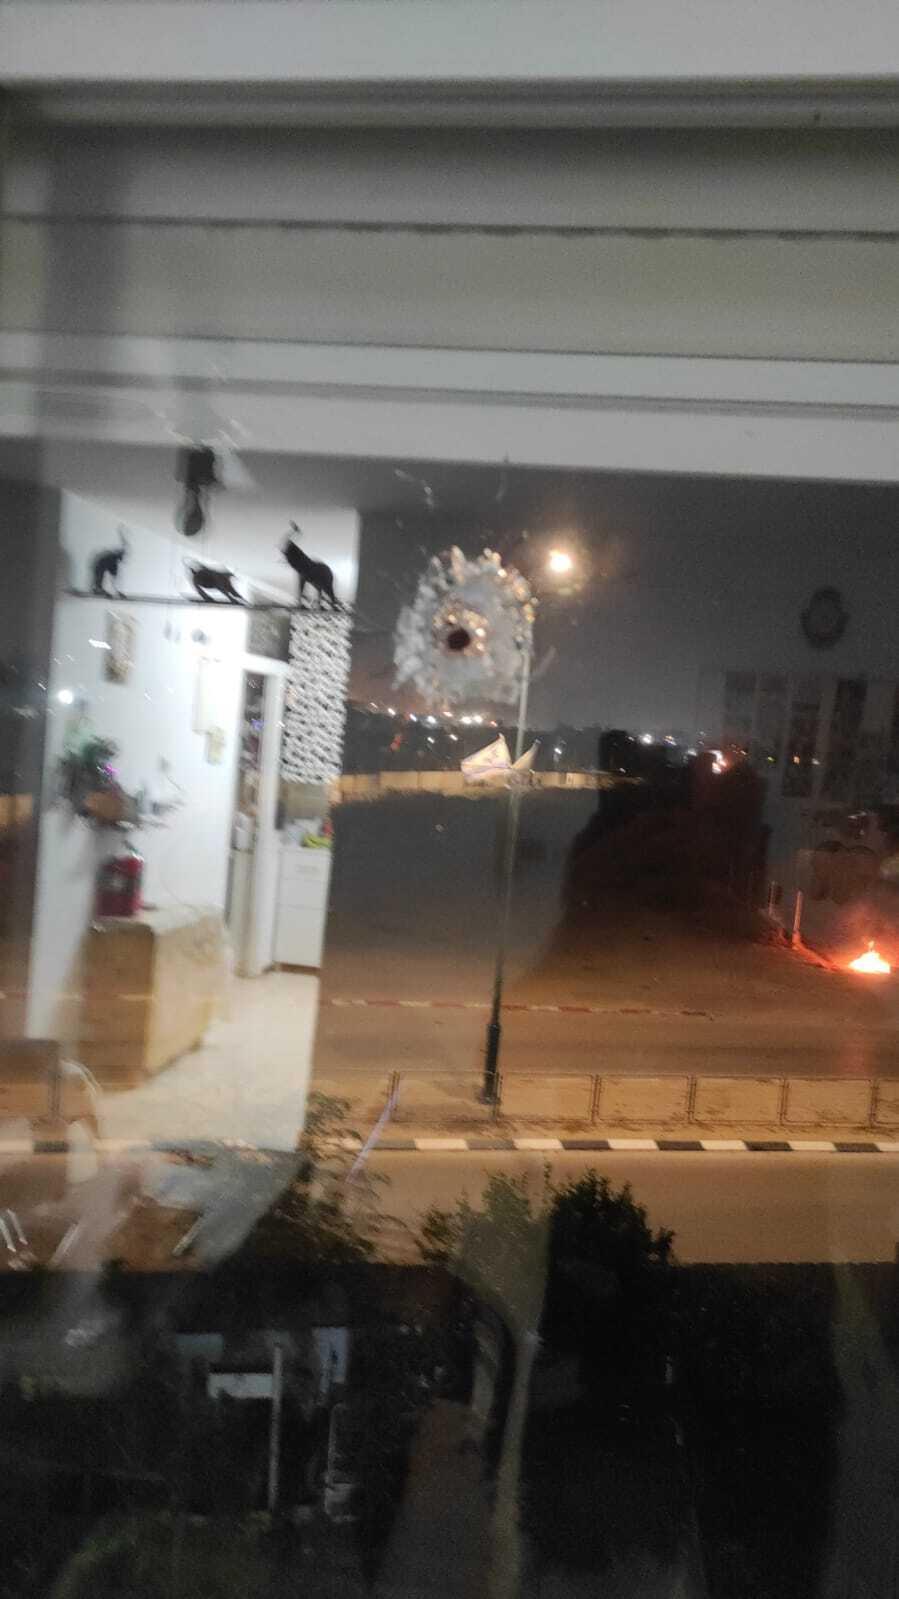 Жителі Лода повідомили про стрілянину по домівках.